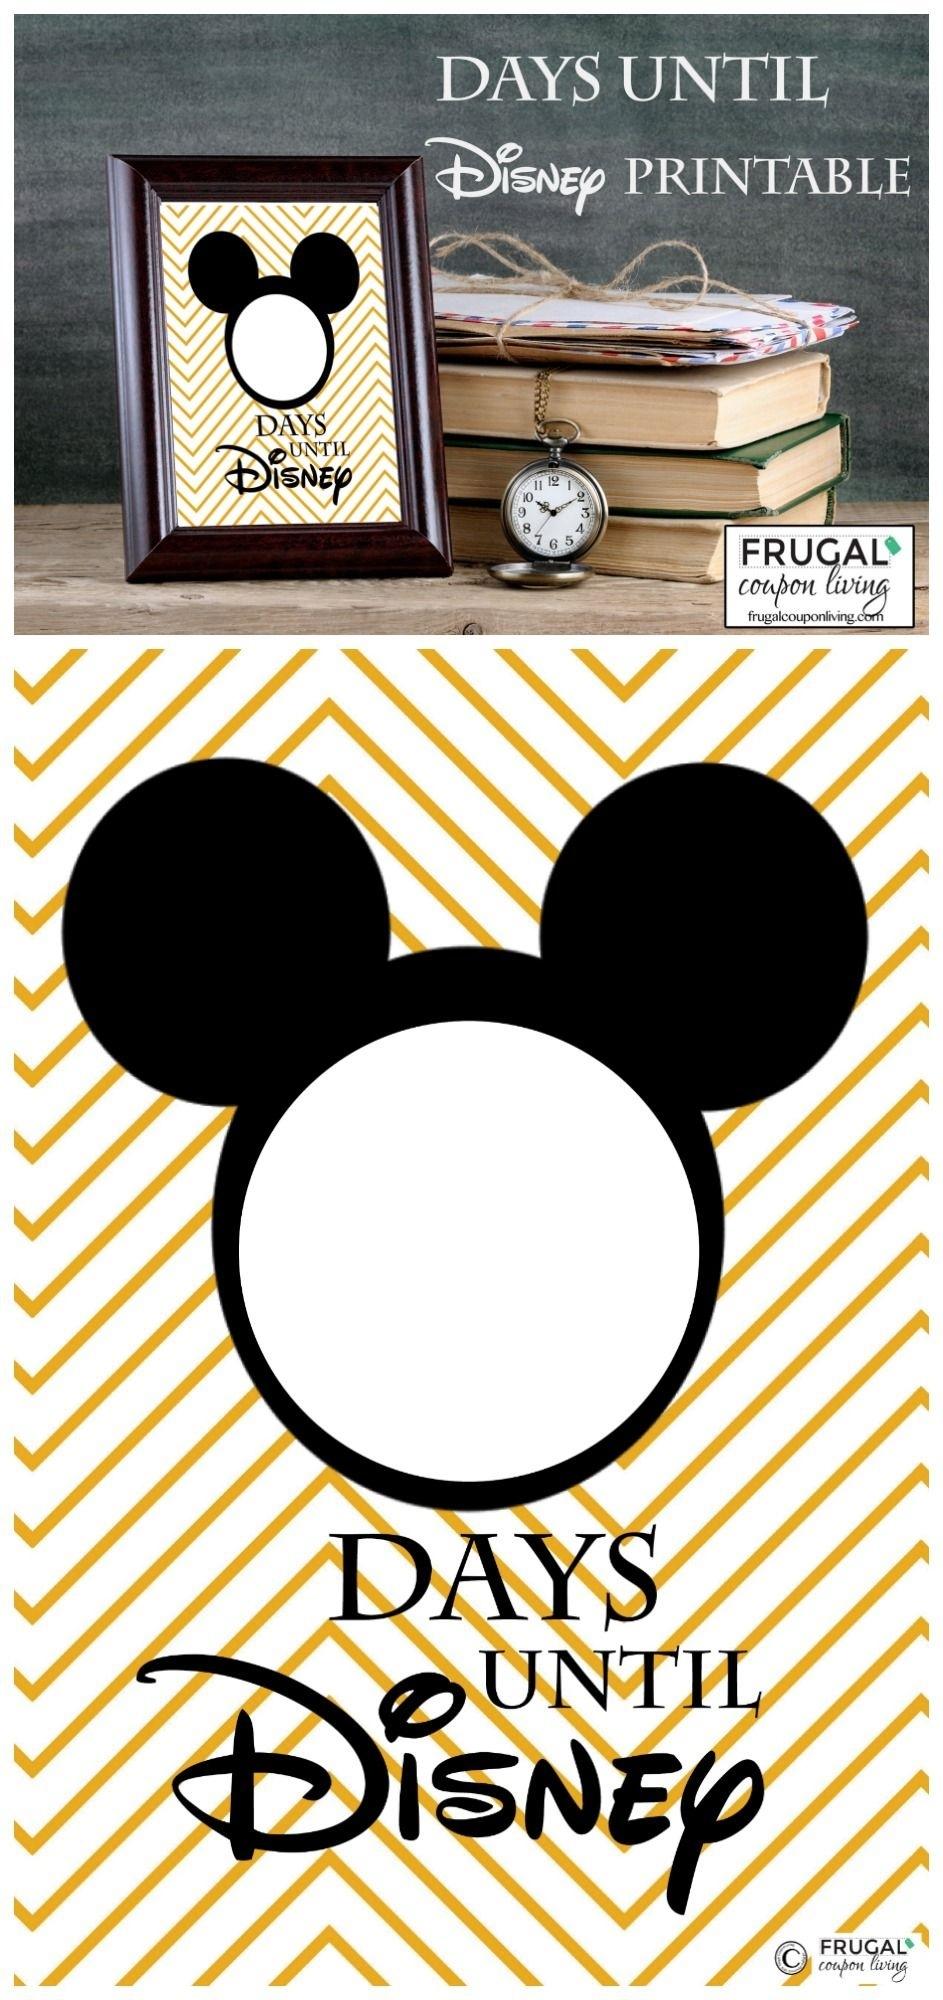 Free Countdown To Disney Printable | Pinterest | Frugal, Free  99 Days To Disney Printable Calendar